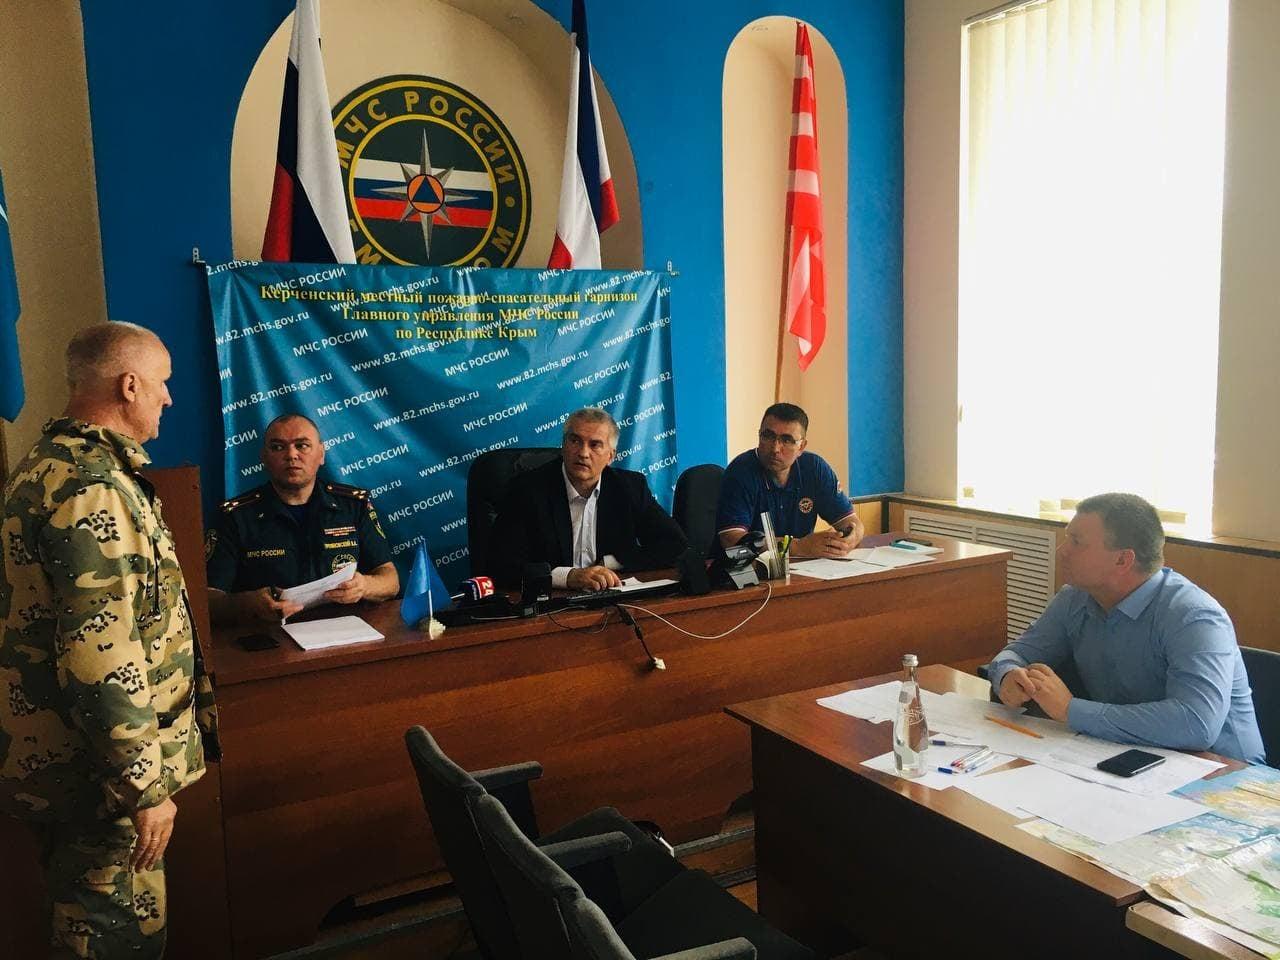 В Крыму объявлен режим ЧС регионального уровня – Аксенов